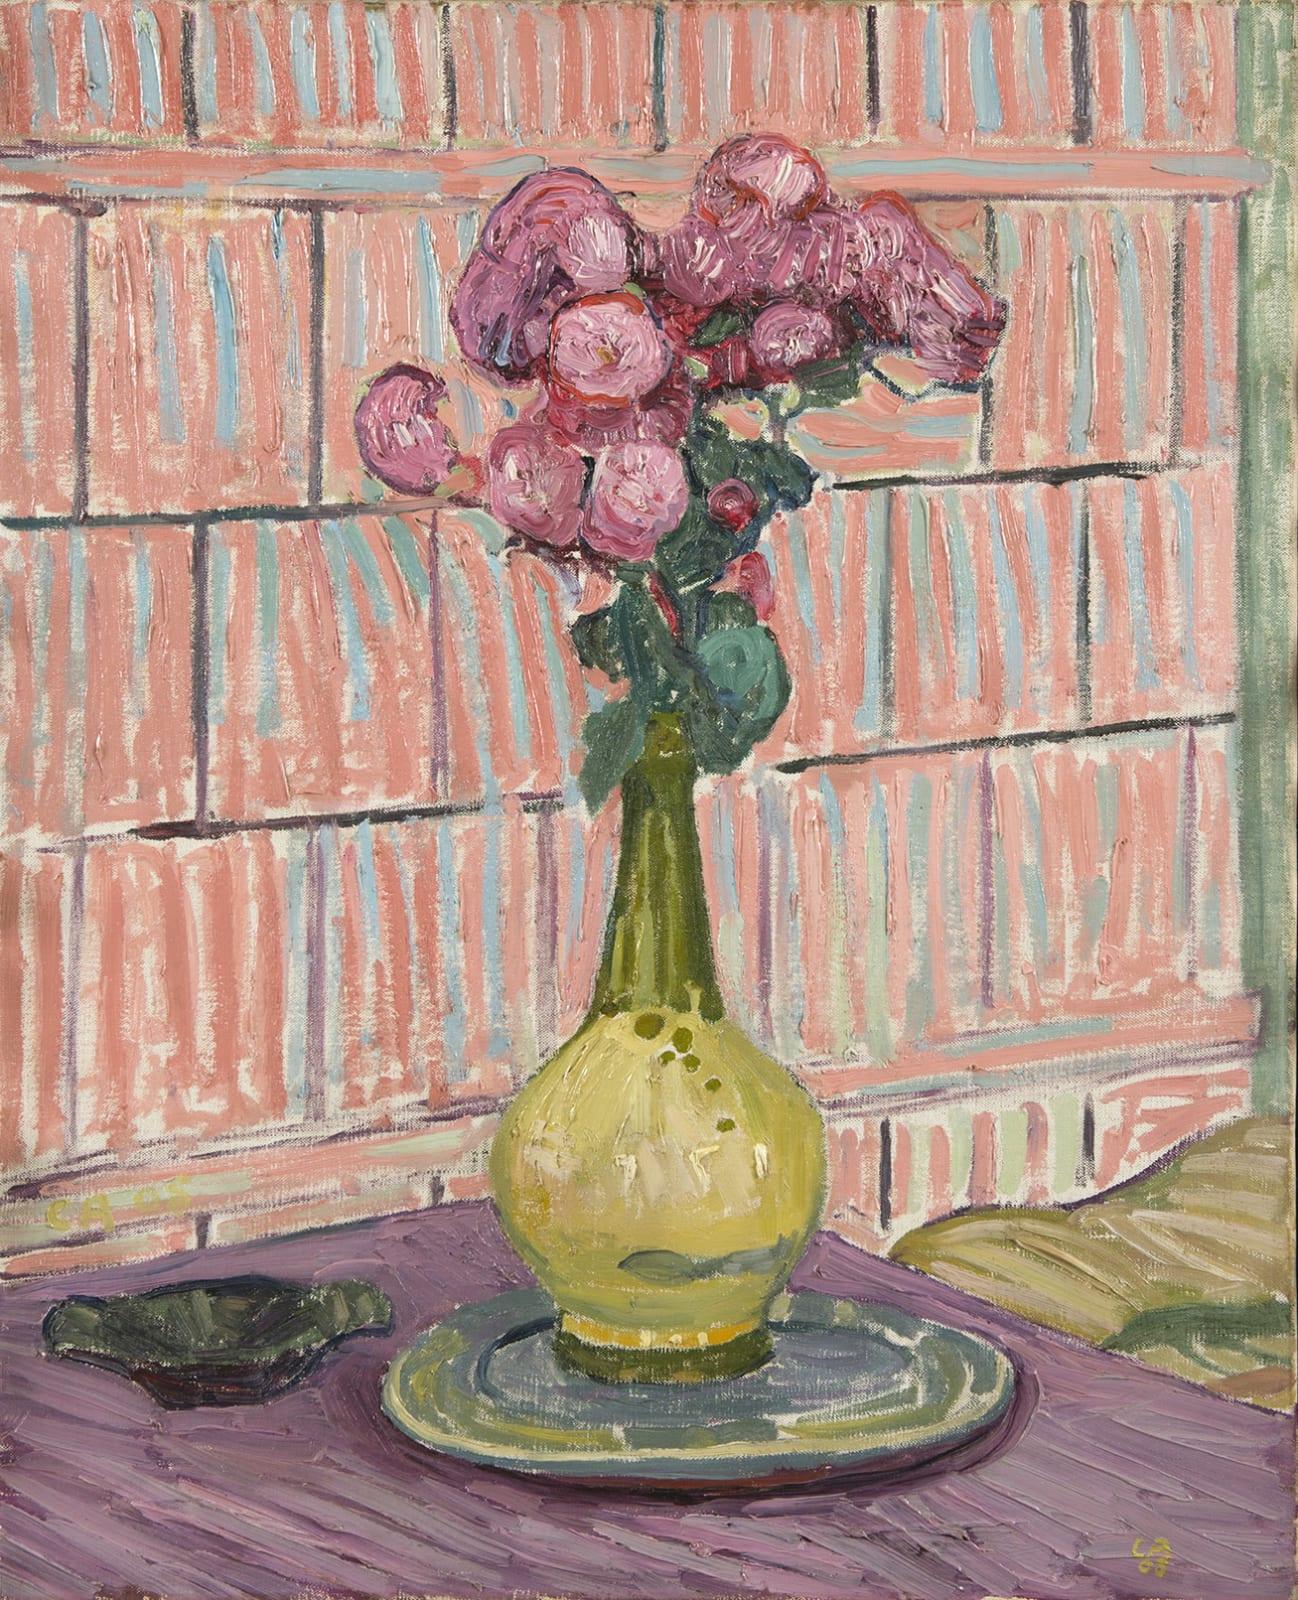 CUNO AMIET, Les roses rouges, 1908